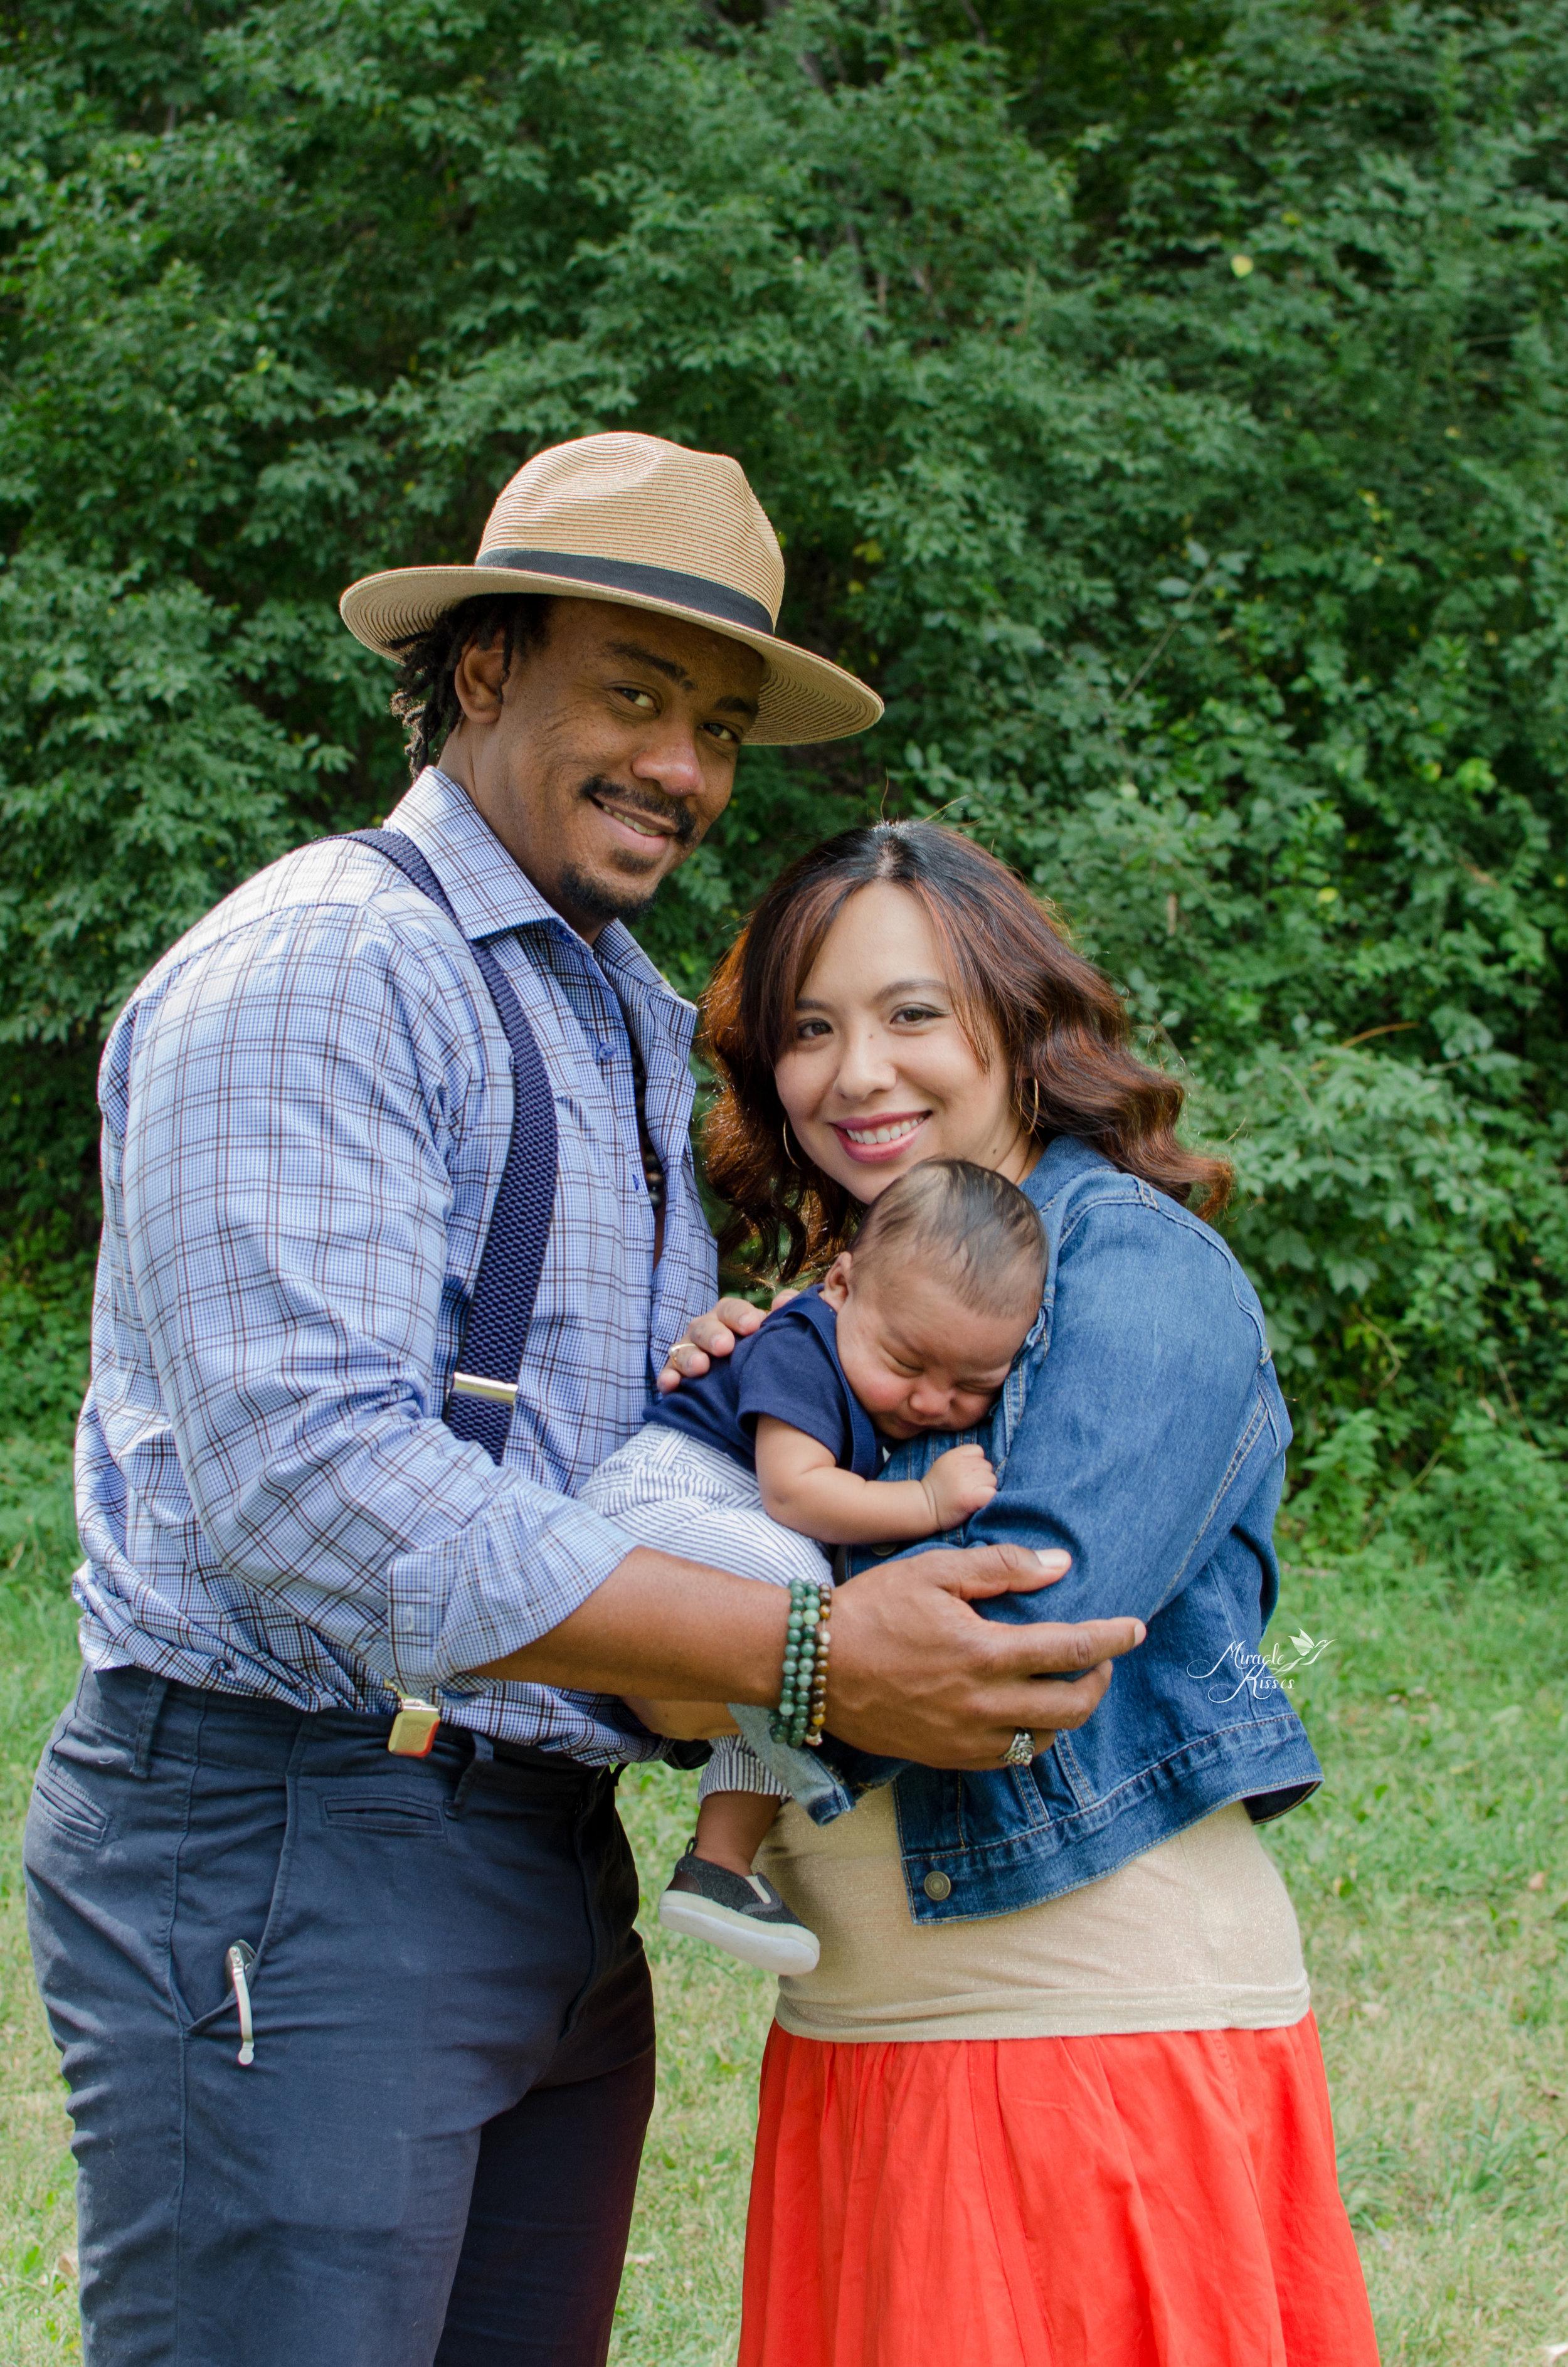 Outdoor family photo, Arvada breastfeeding story, Happy posed family